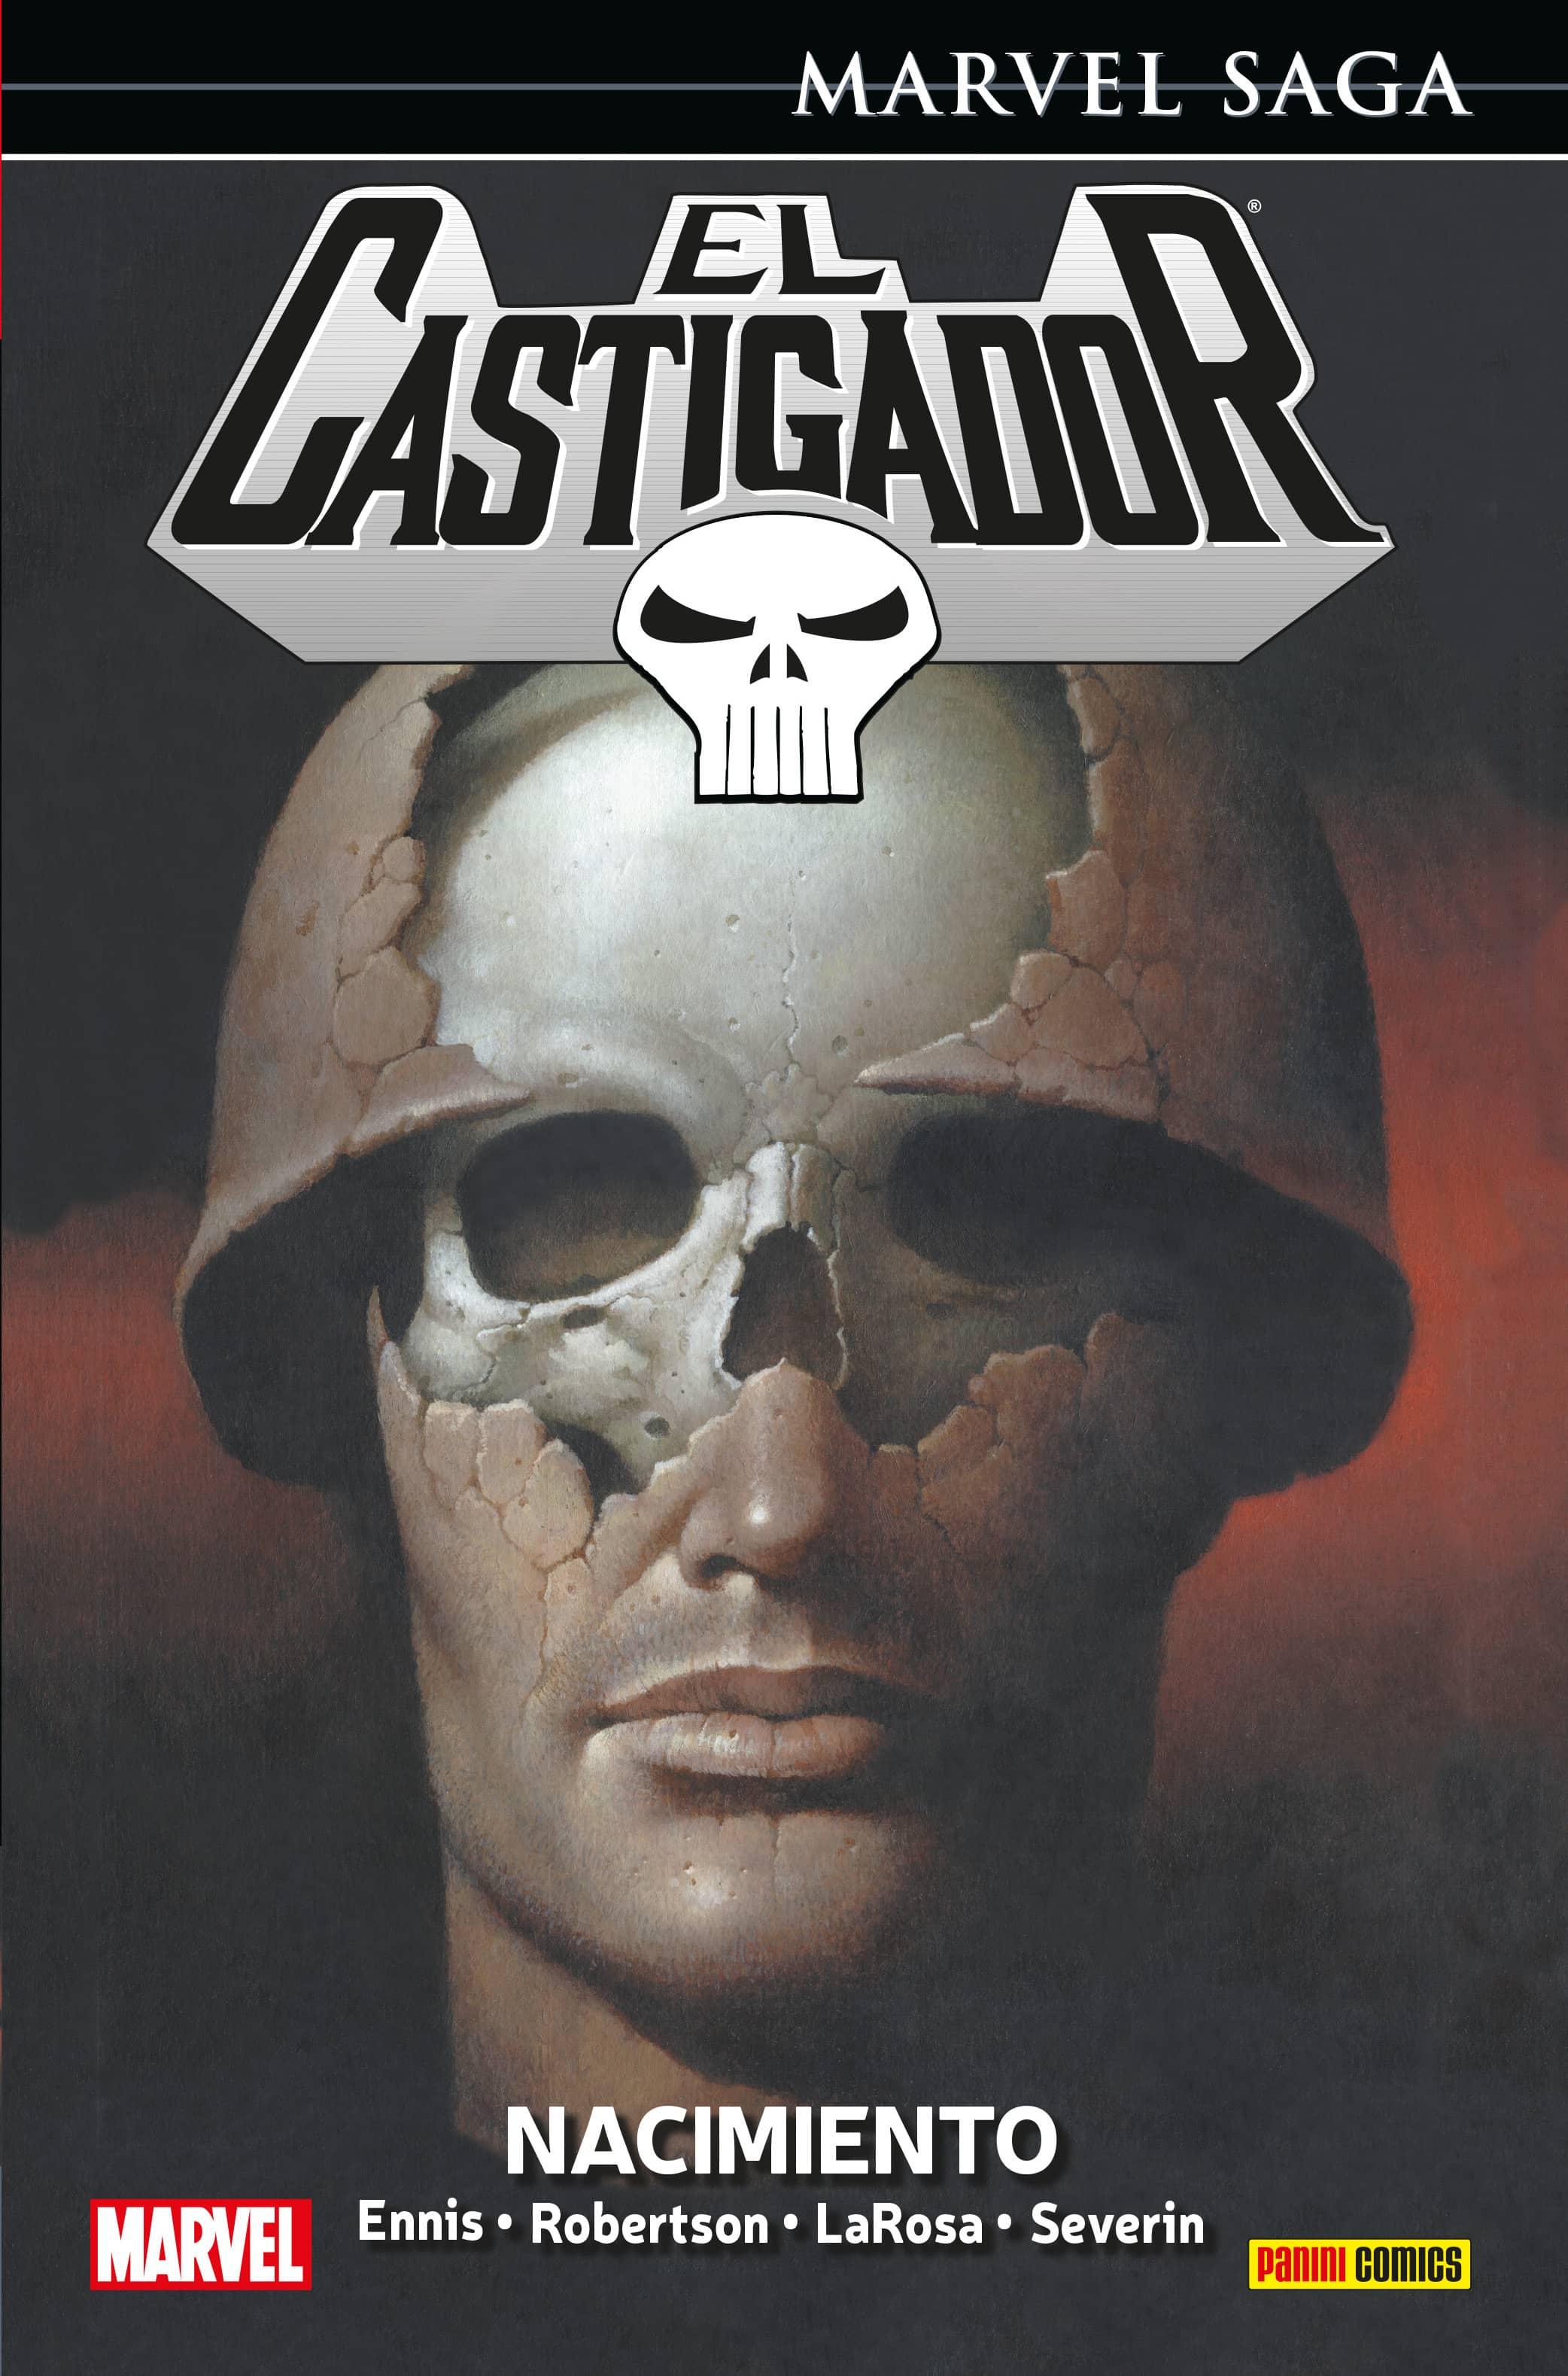 EL CASTIGADOR 01. NACIMIENTO  (MARVEL SAGA 14)